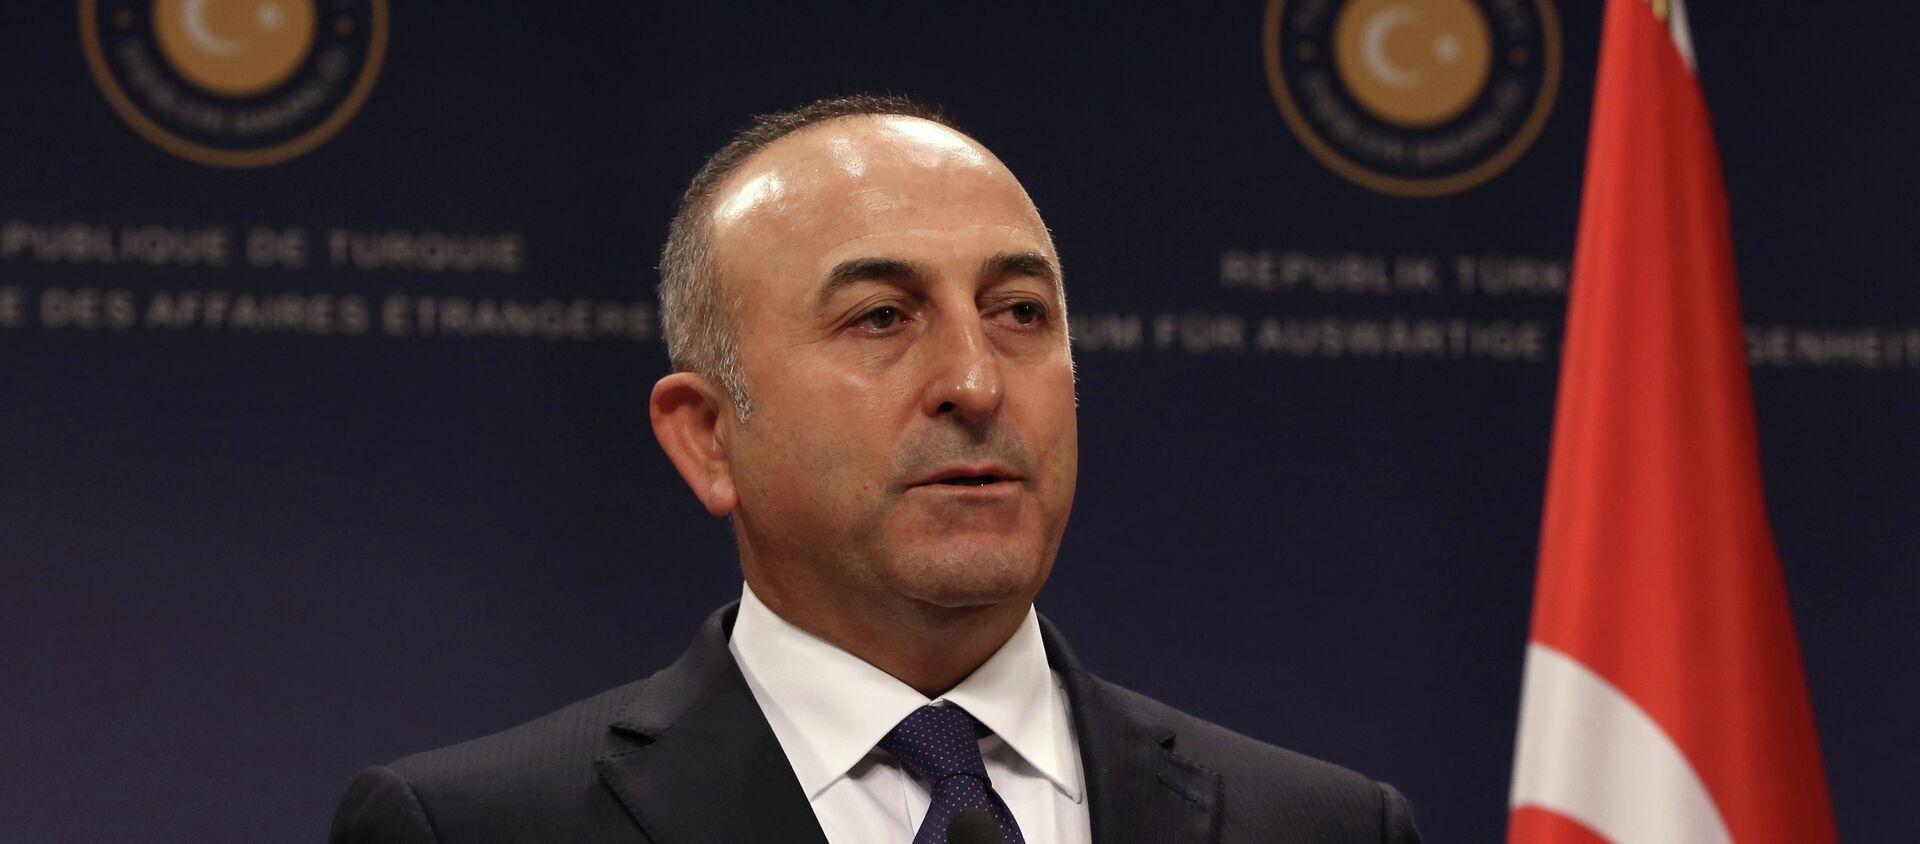 Turecký ministr zahraničních věcí Mevlut Čavušoglu - Sputnik Česká republika, 1920, 21.01.2021